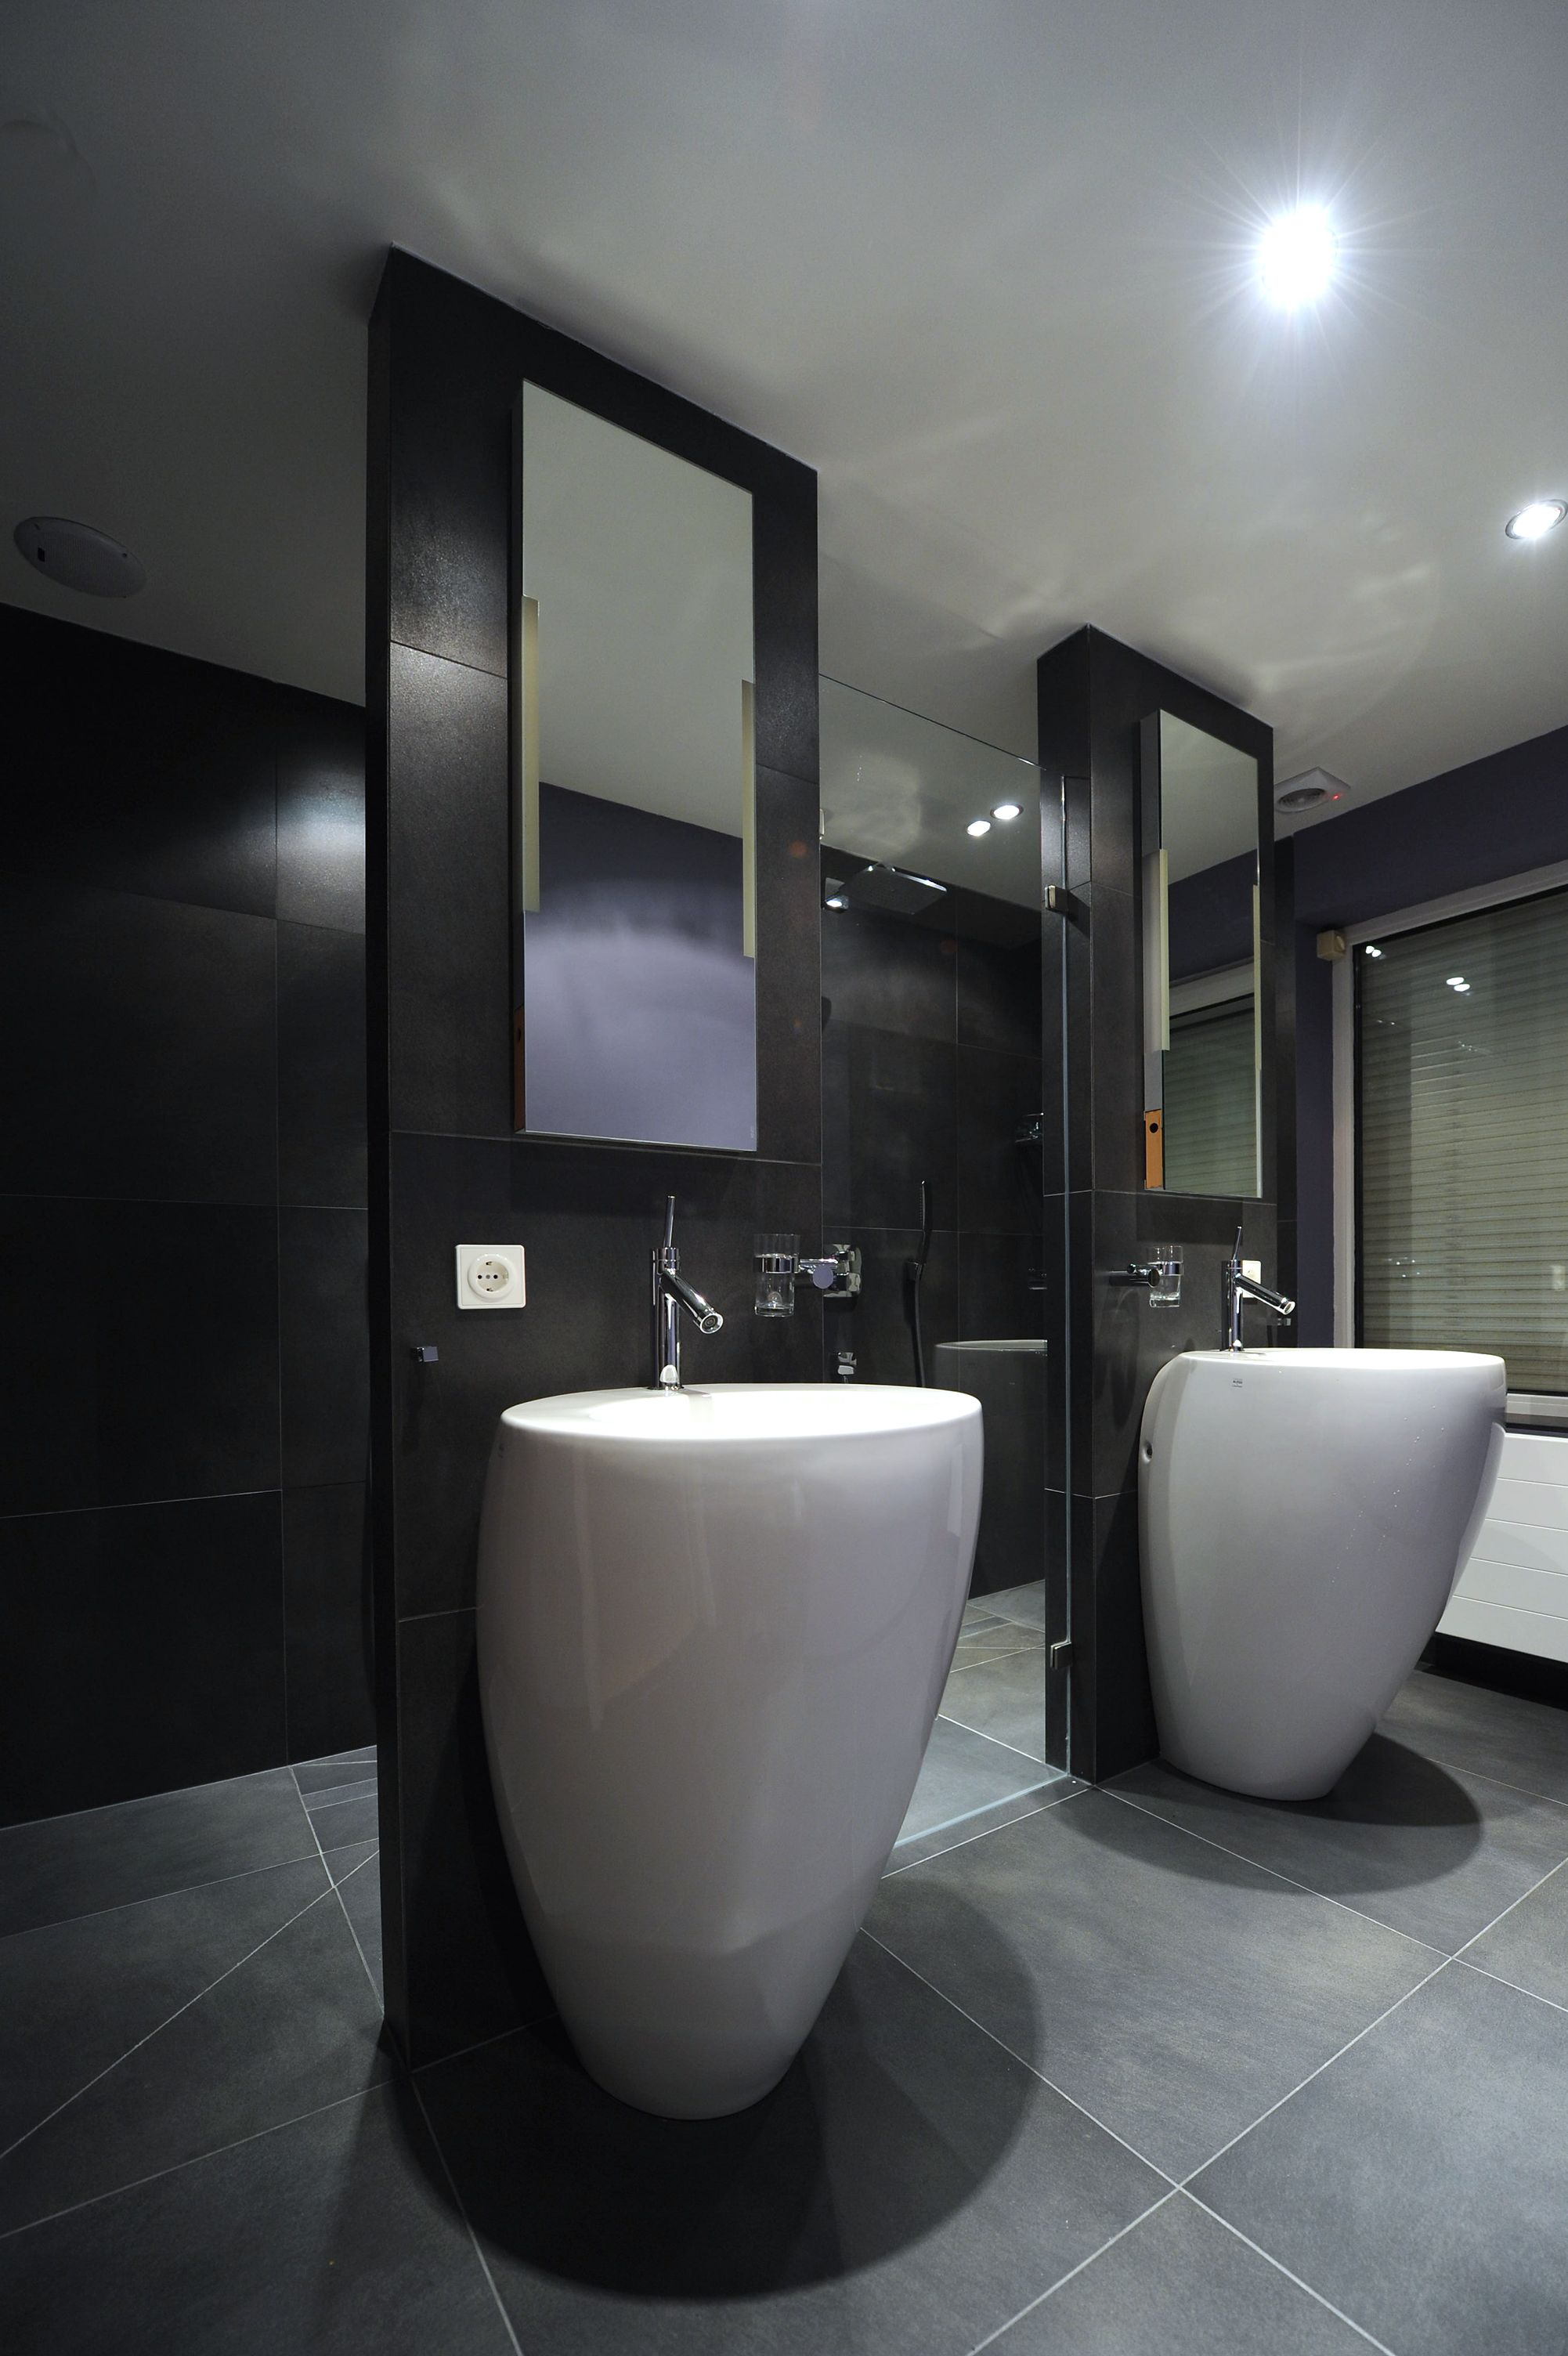 allessi badkamer met dubbele inloopdouche te uden badkamer